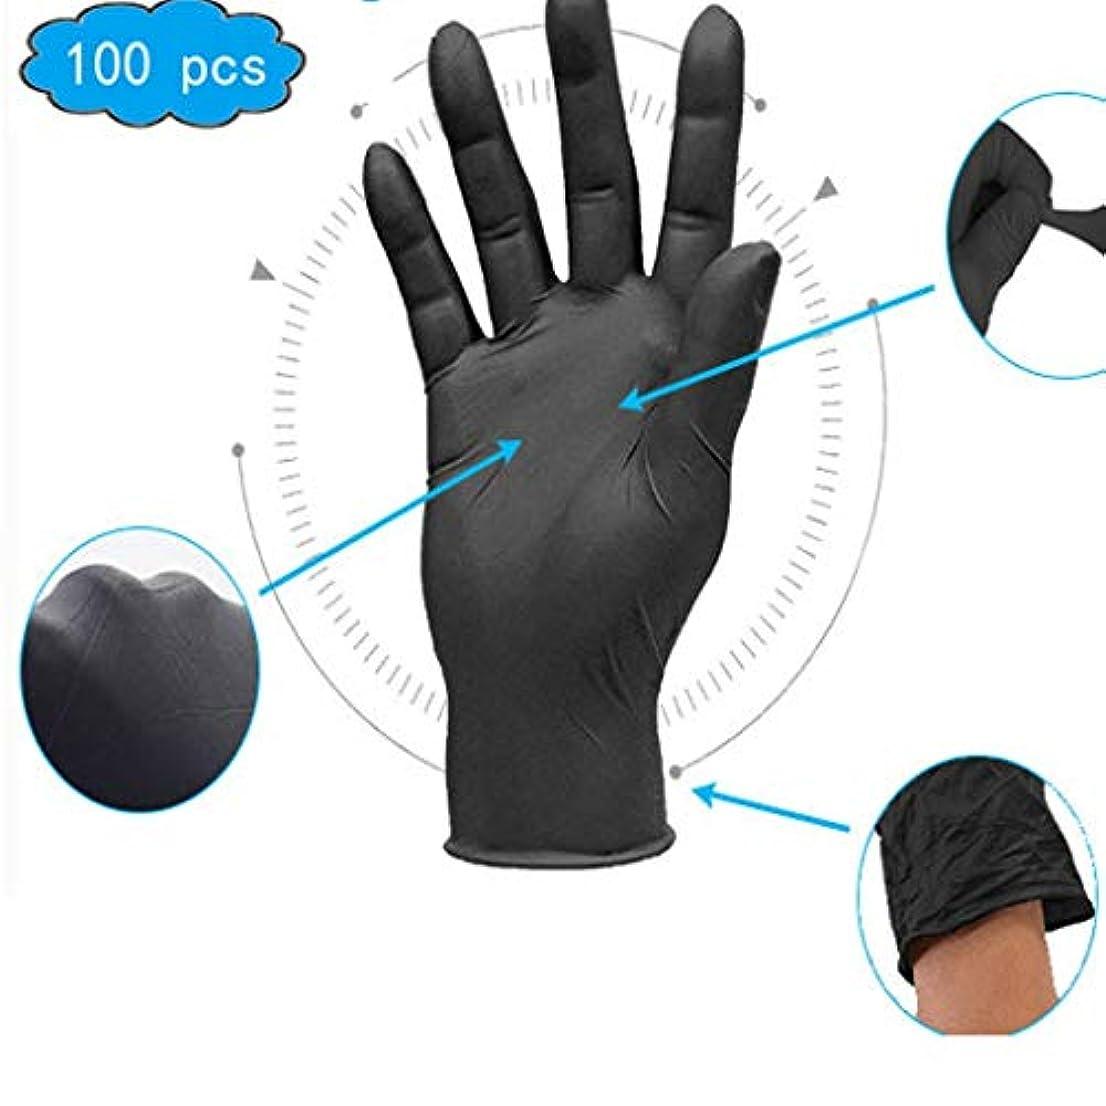 治療気まぐれなクスコニトリル手袋、医薬品および備品、応急処置用品、産業用使い捨て手袋 - テクスチャード、パウダーフリー、無菌、大型、100個入り、非滅菌の使い捨て安全手袋 (Color : Black, Size : M)